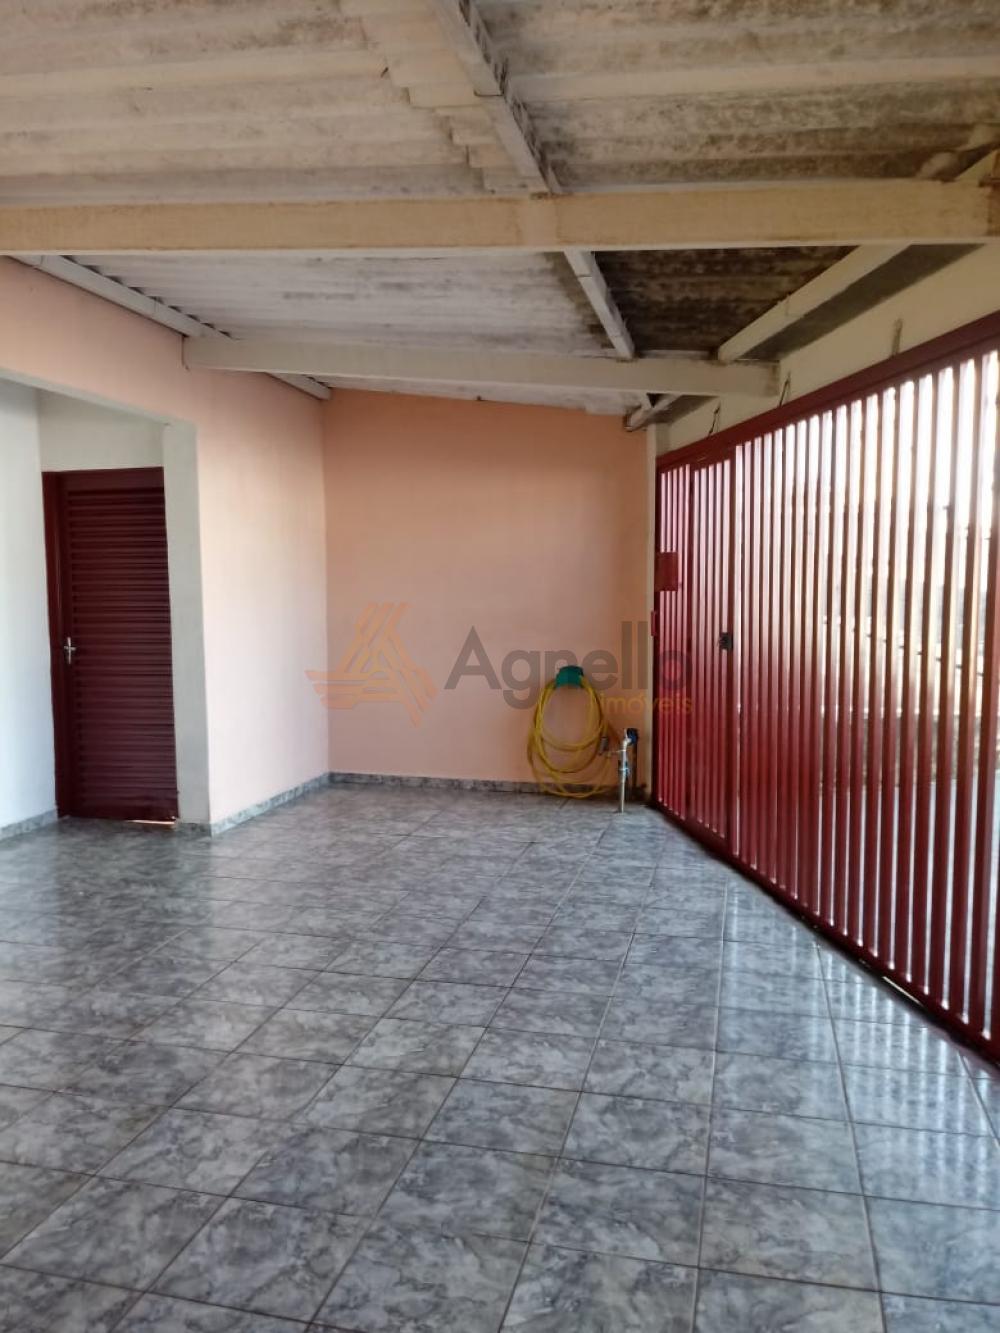 Comprar Casa / Bairro em Franca R$ 150.000,00 - Foto 1